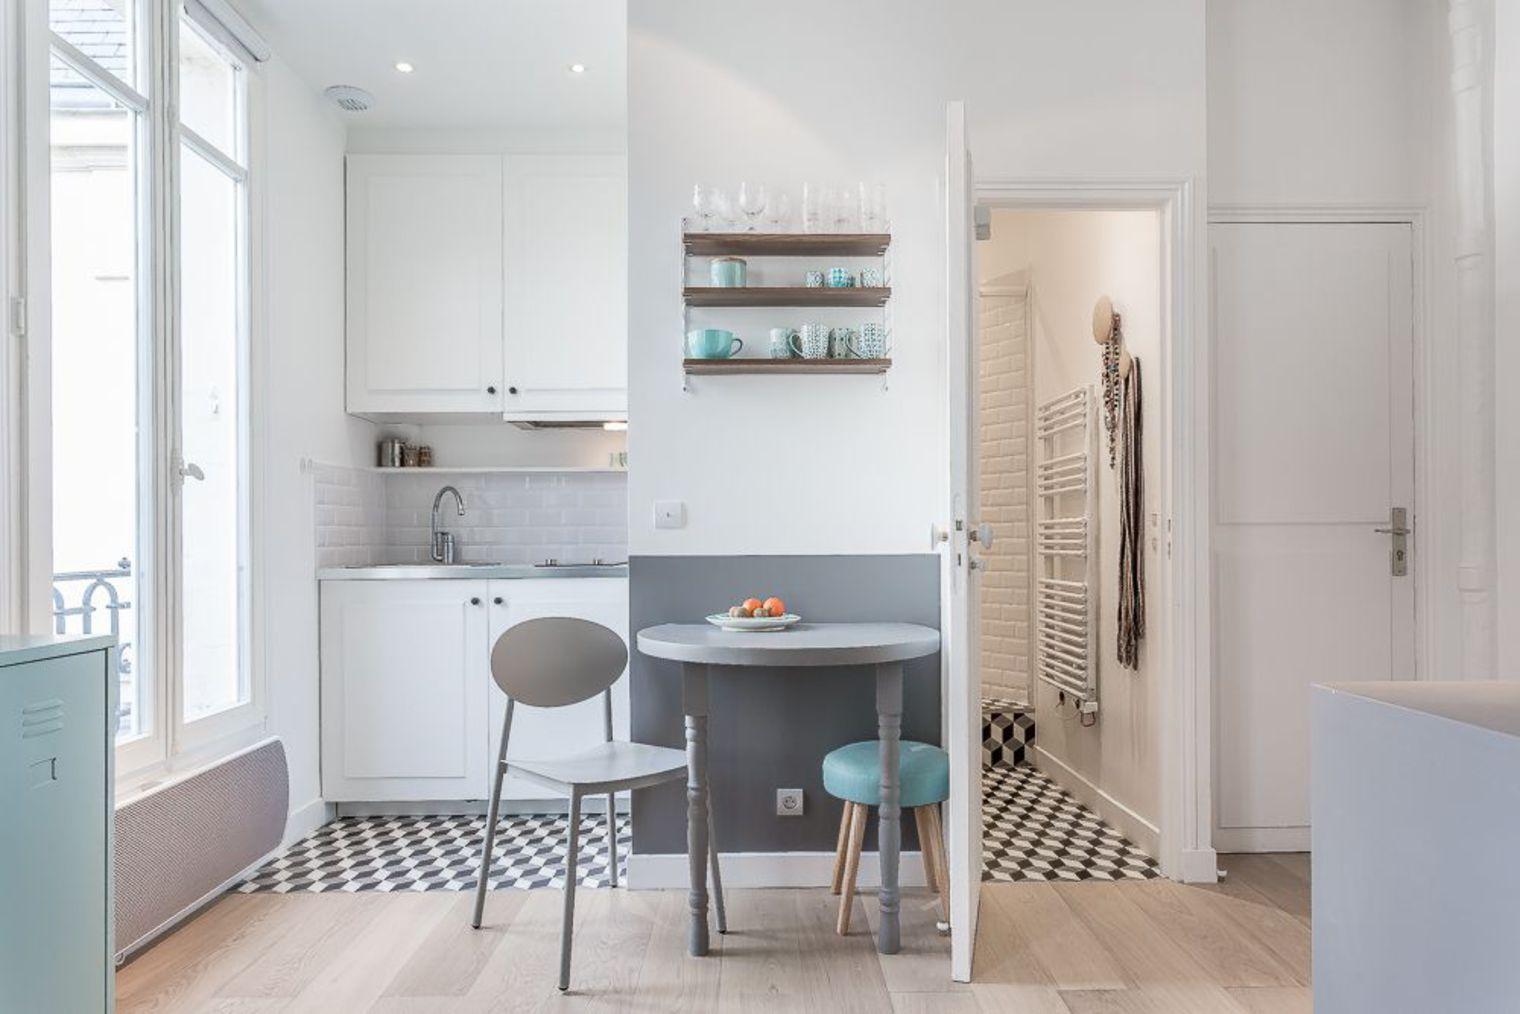 Идеи для однокомнатной квартиры с мебелью